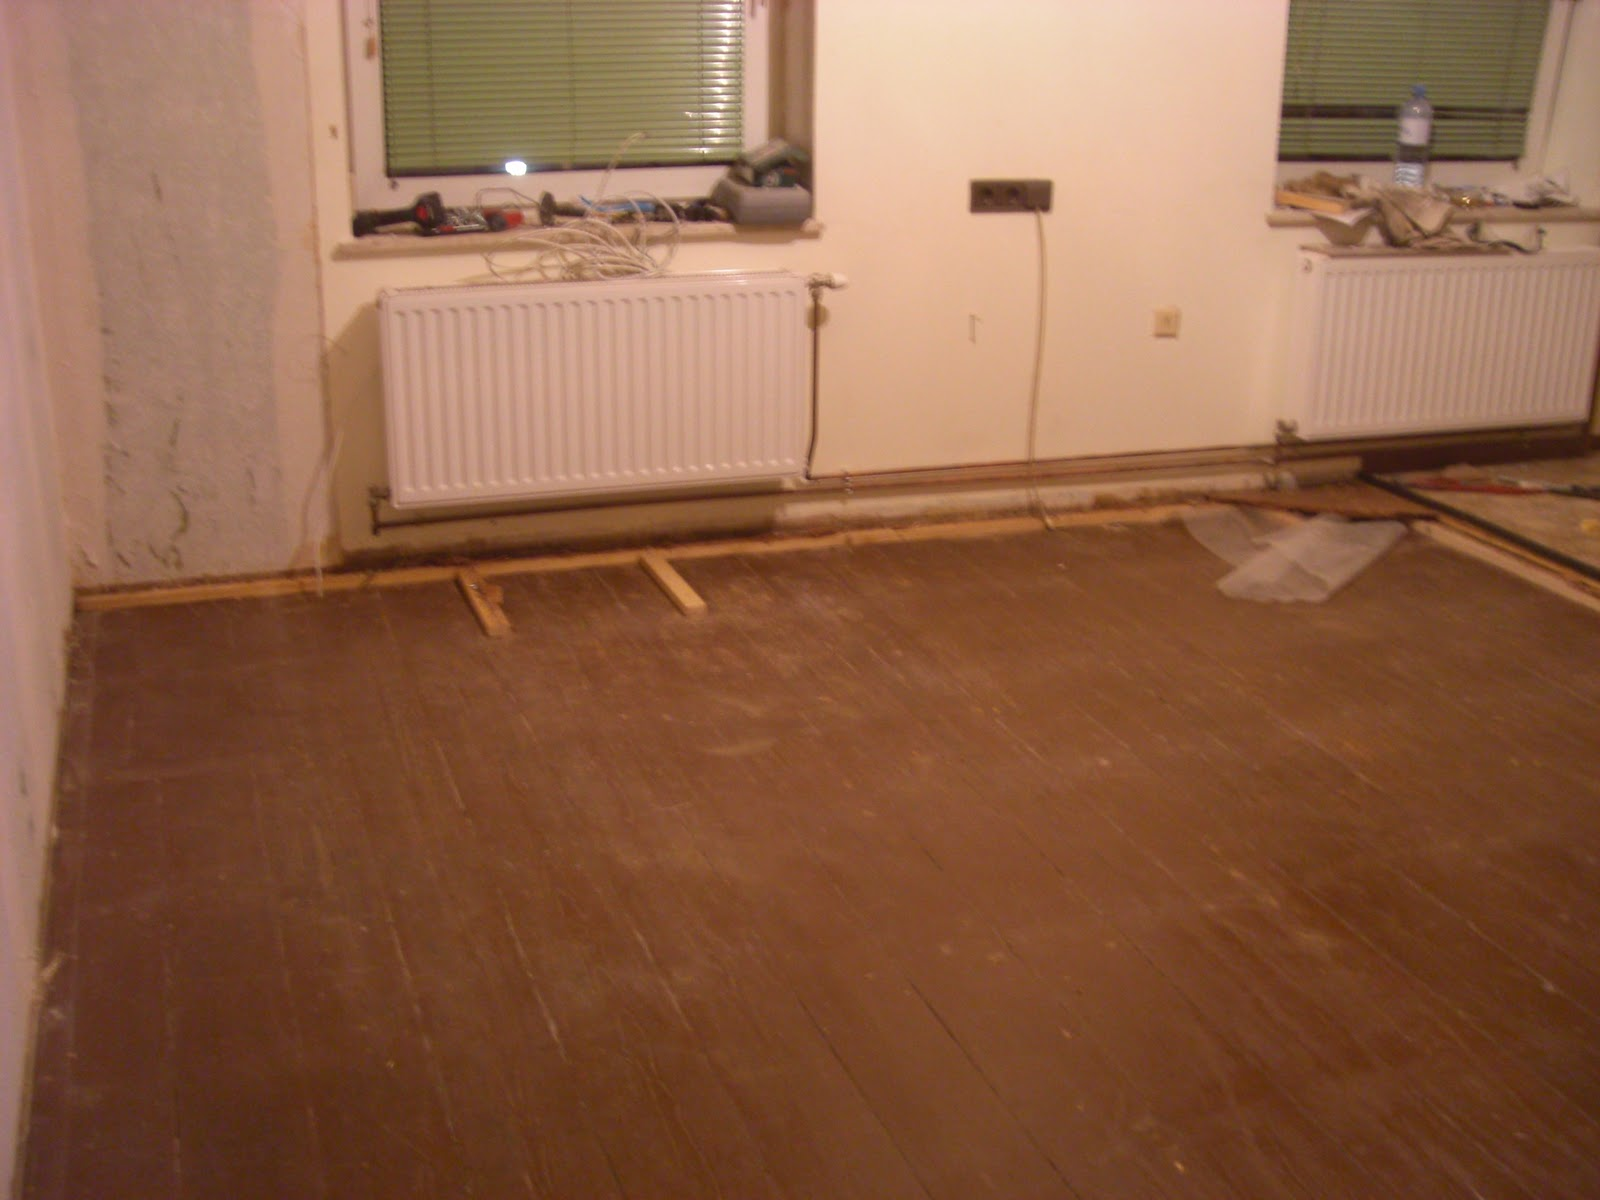 wohnungsrenovierung alten dielenboden freilegen. Black Bedroom Furniture Sets. Home Design Ideas